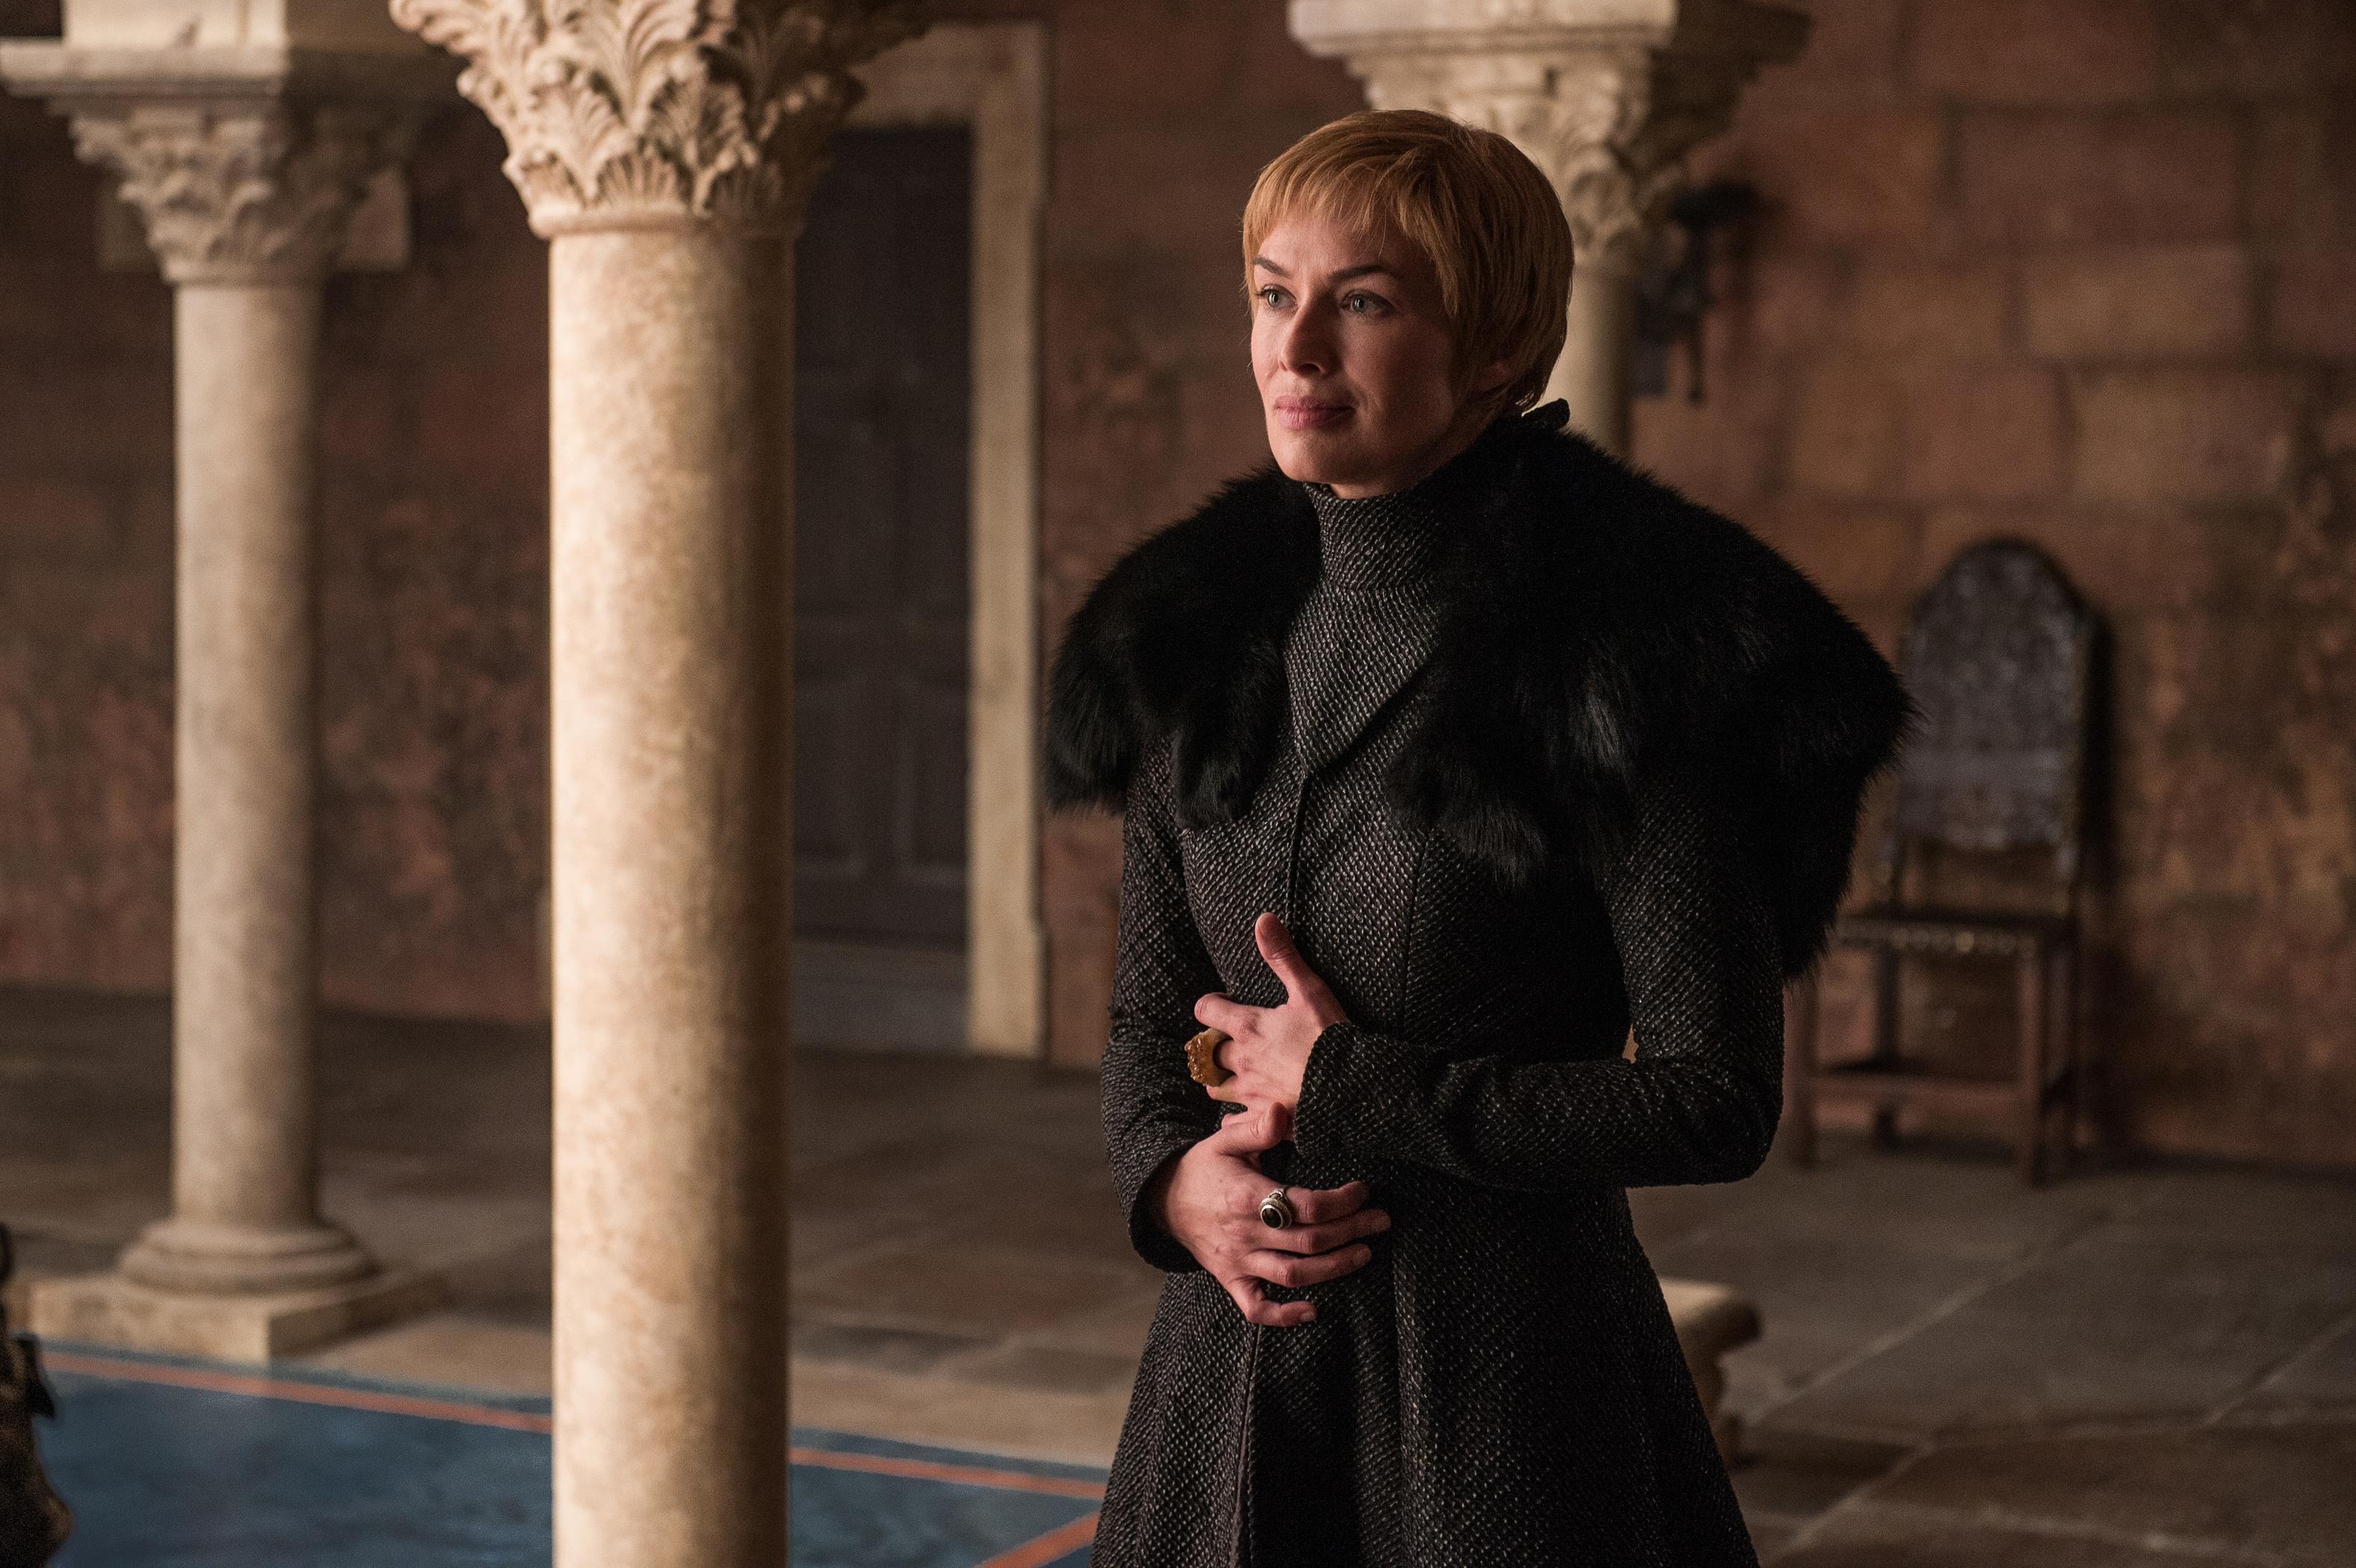 Gra o tron Cersei